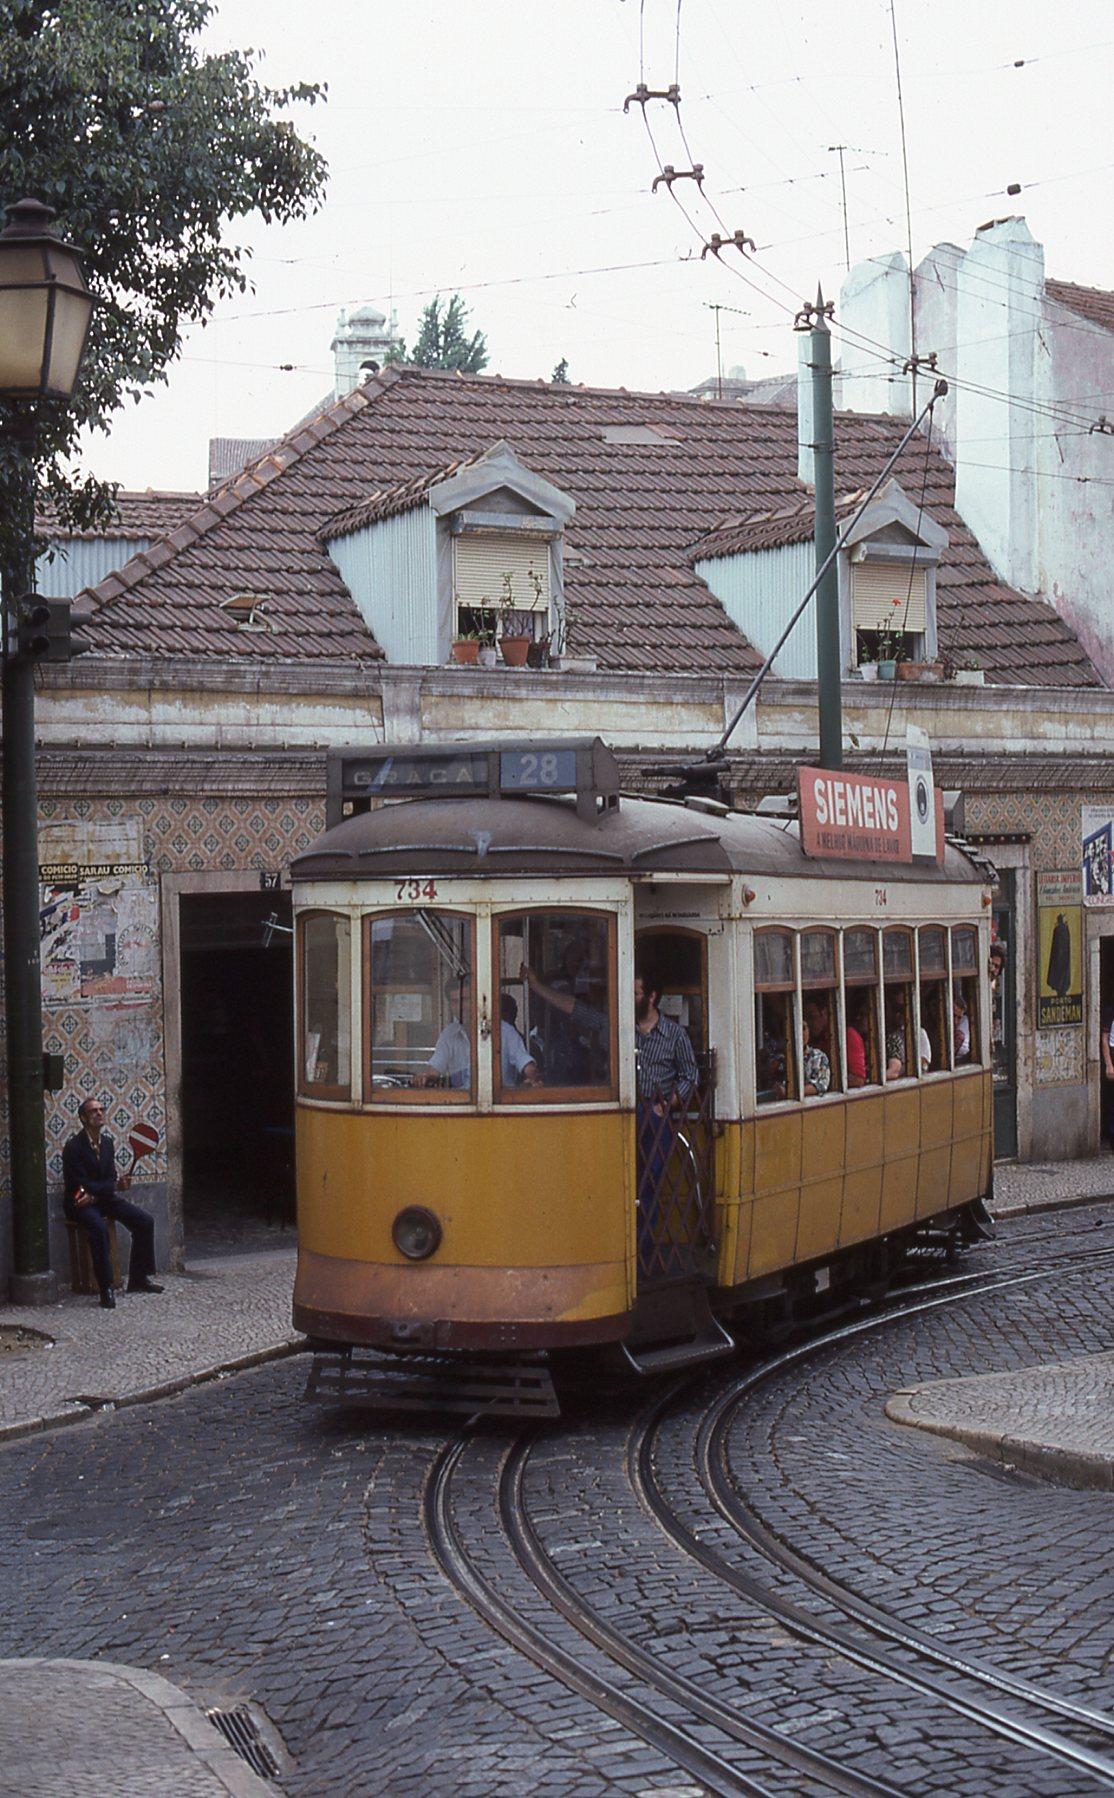 Linie 28E der Straßenbahn Lissabon – Wikipedia